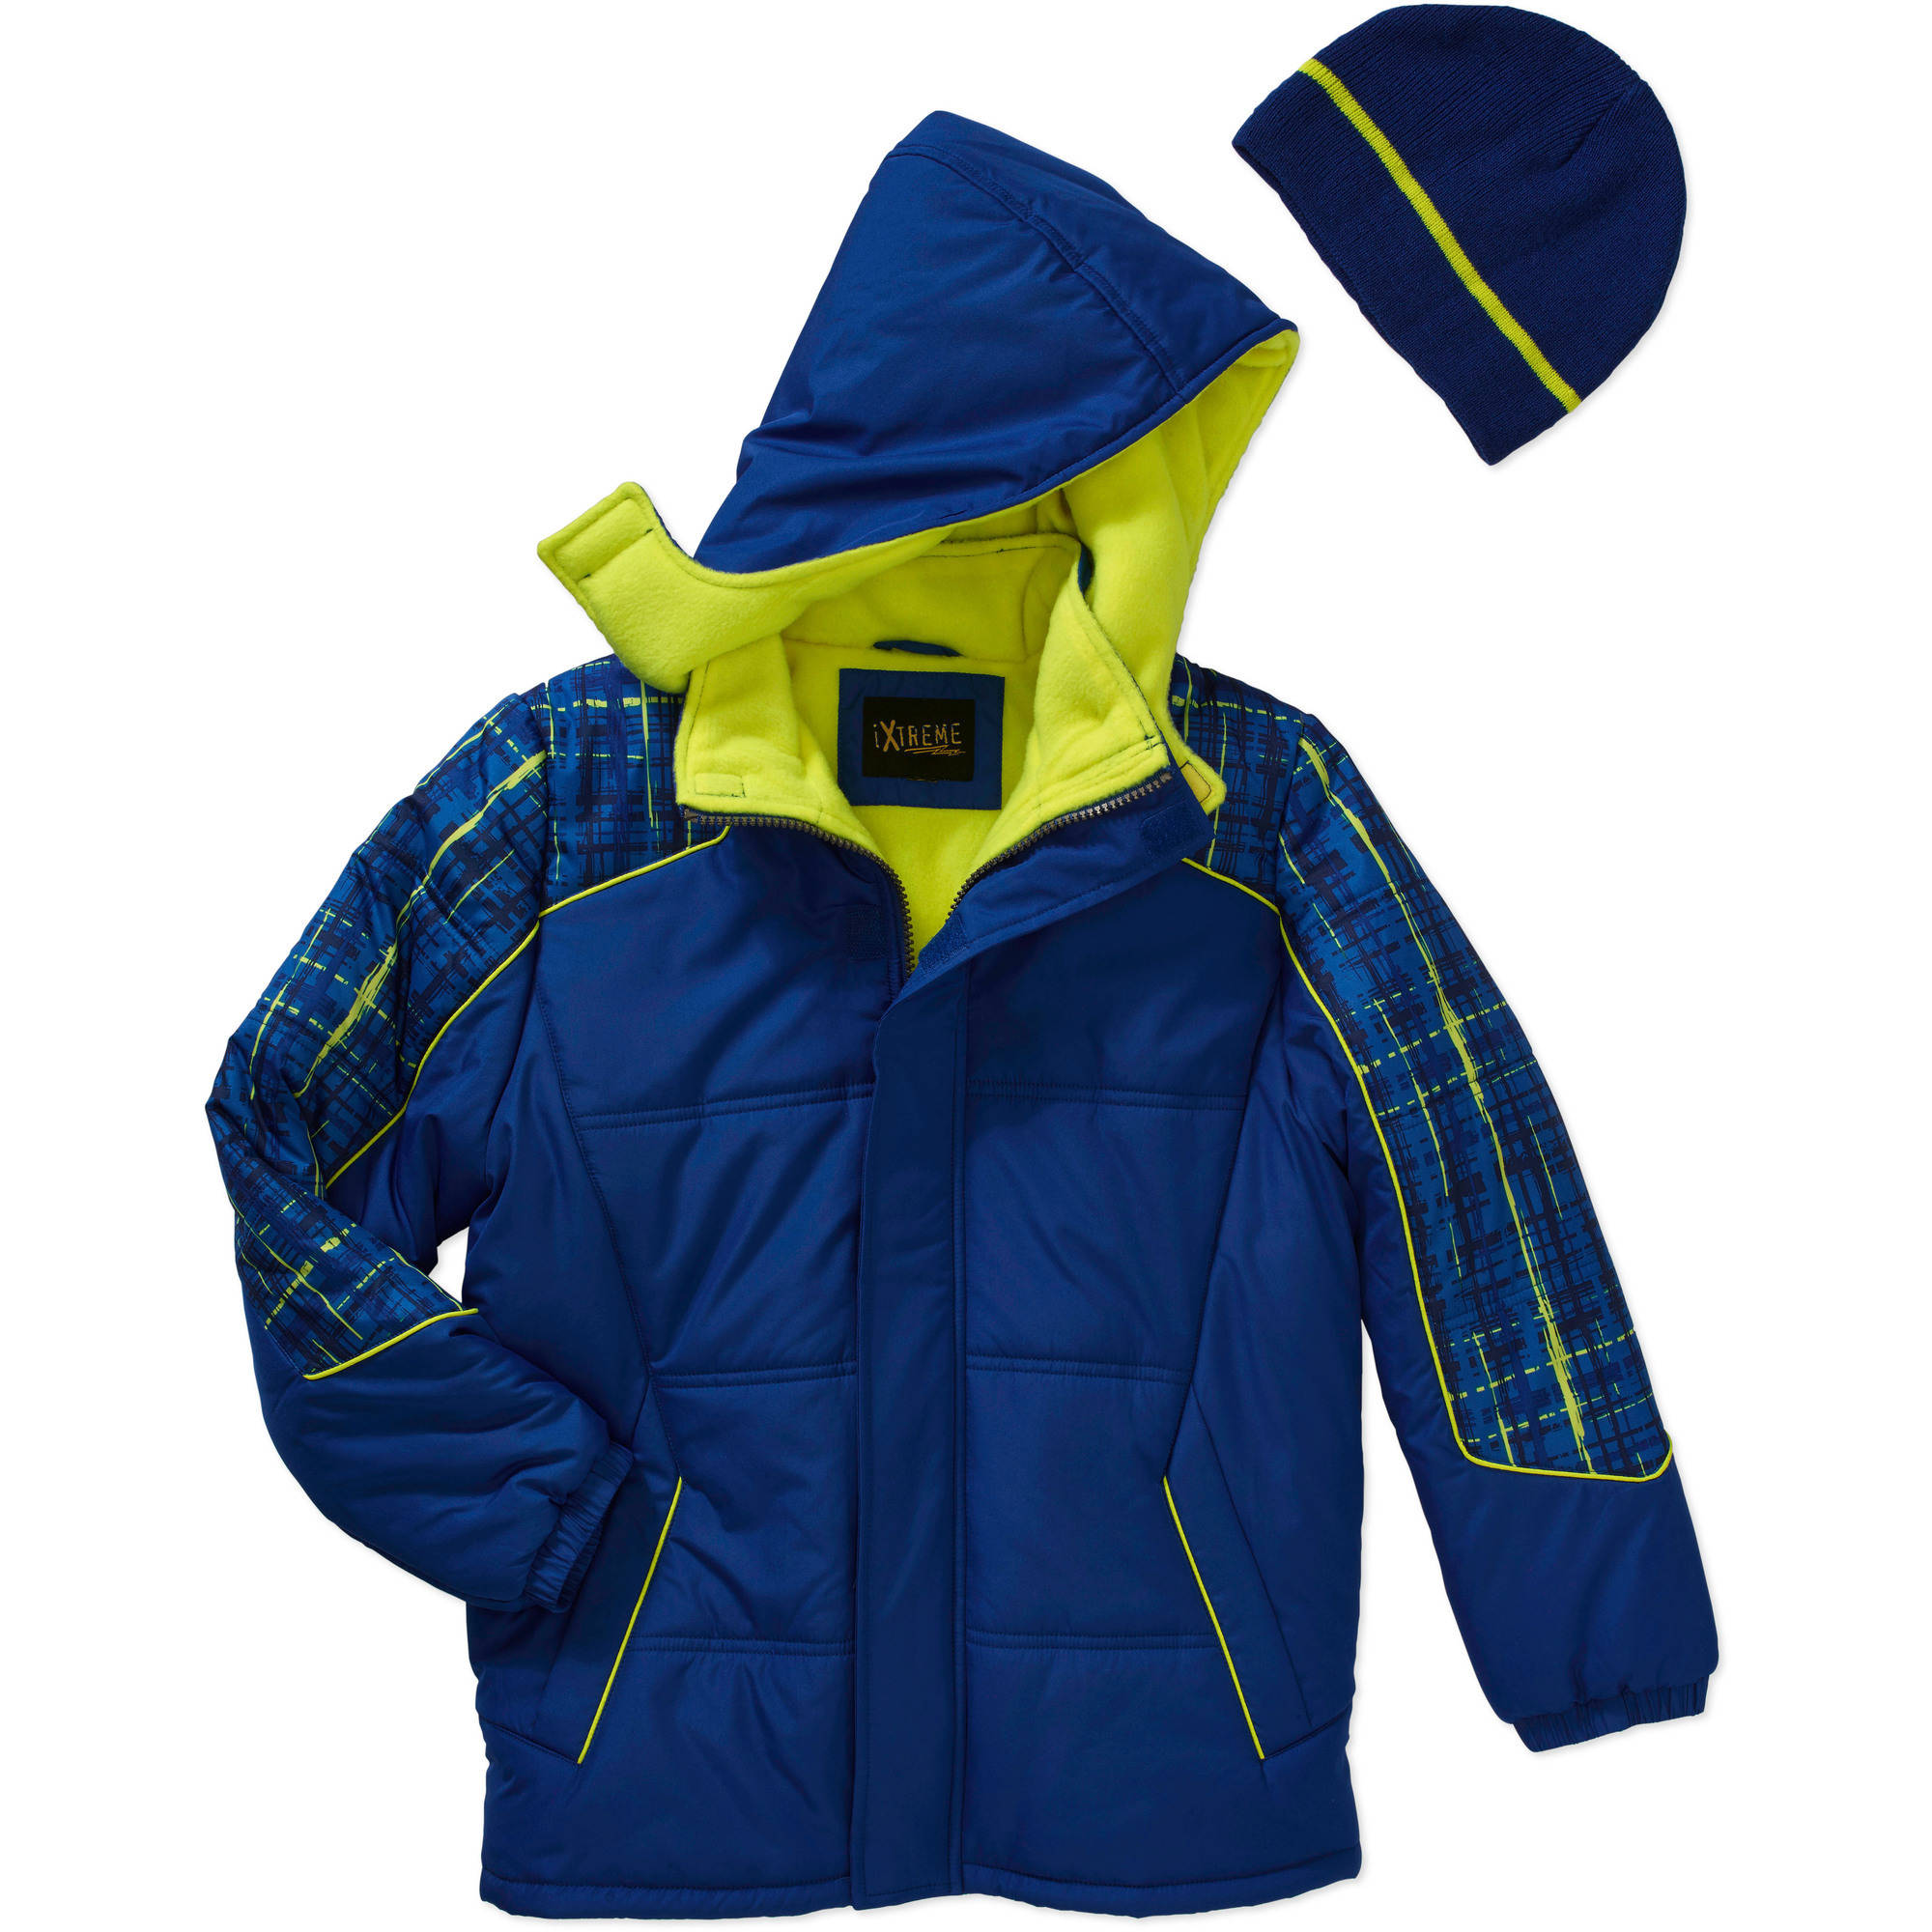 iXtreme Boys' Bubble Jacket with Bonus Hat